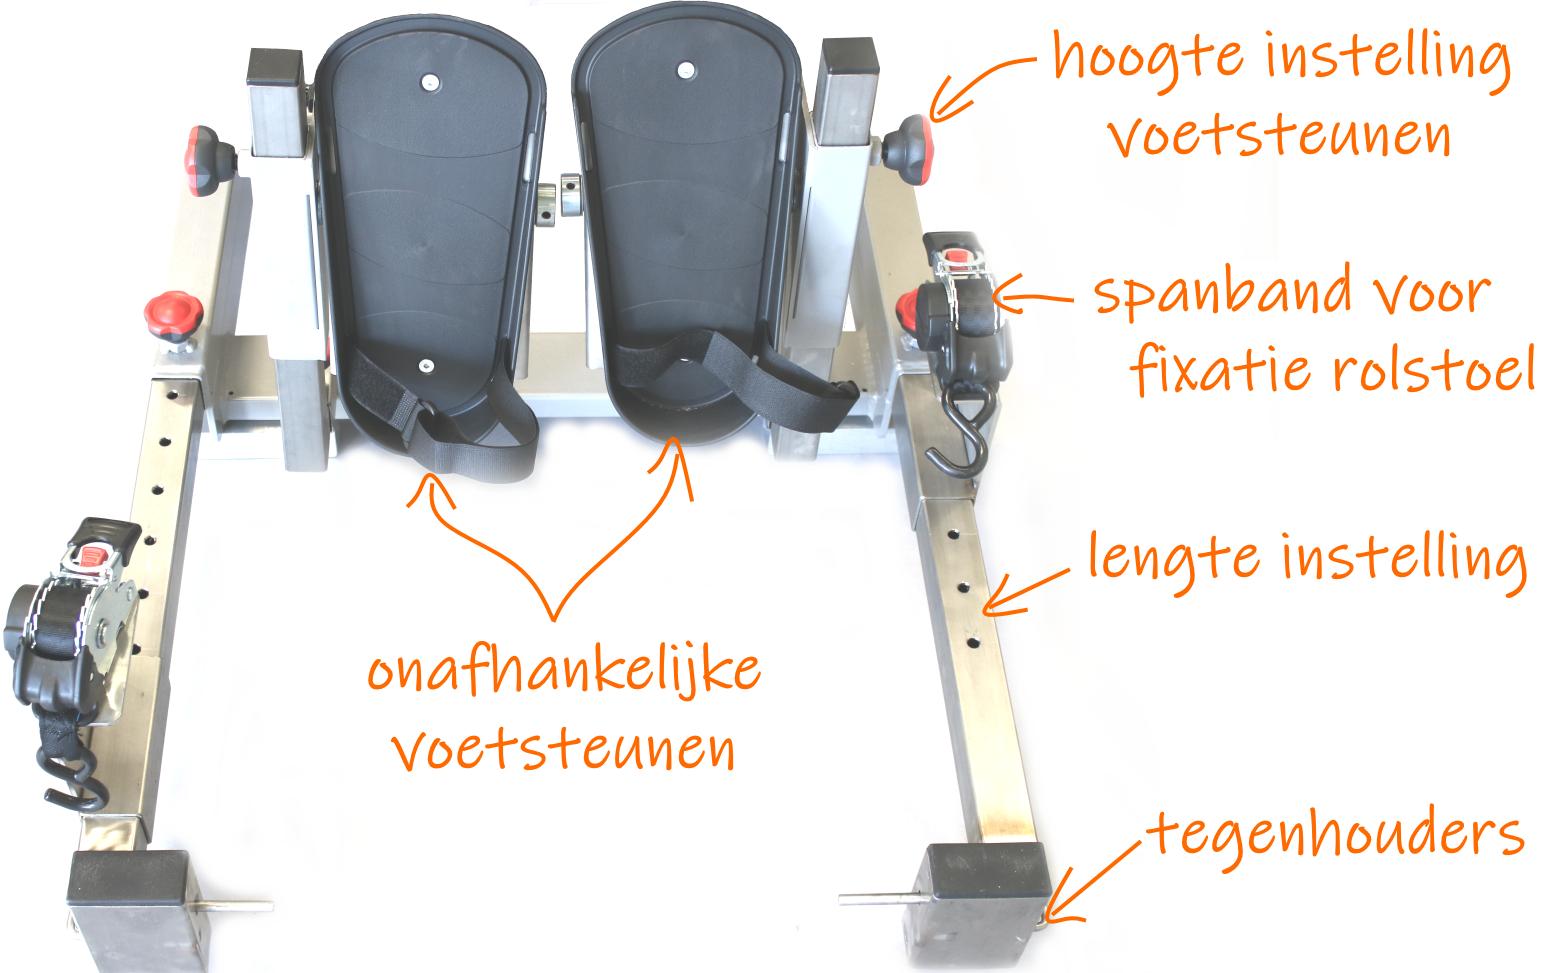 4-voetsteunen-specs